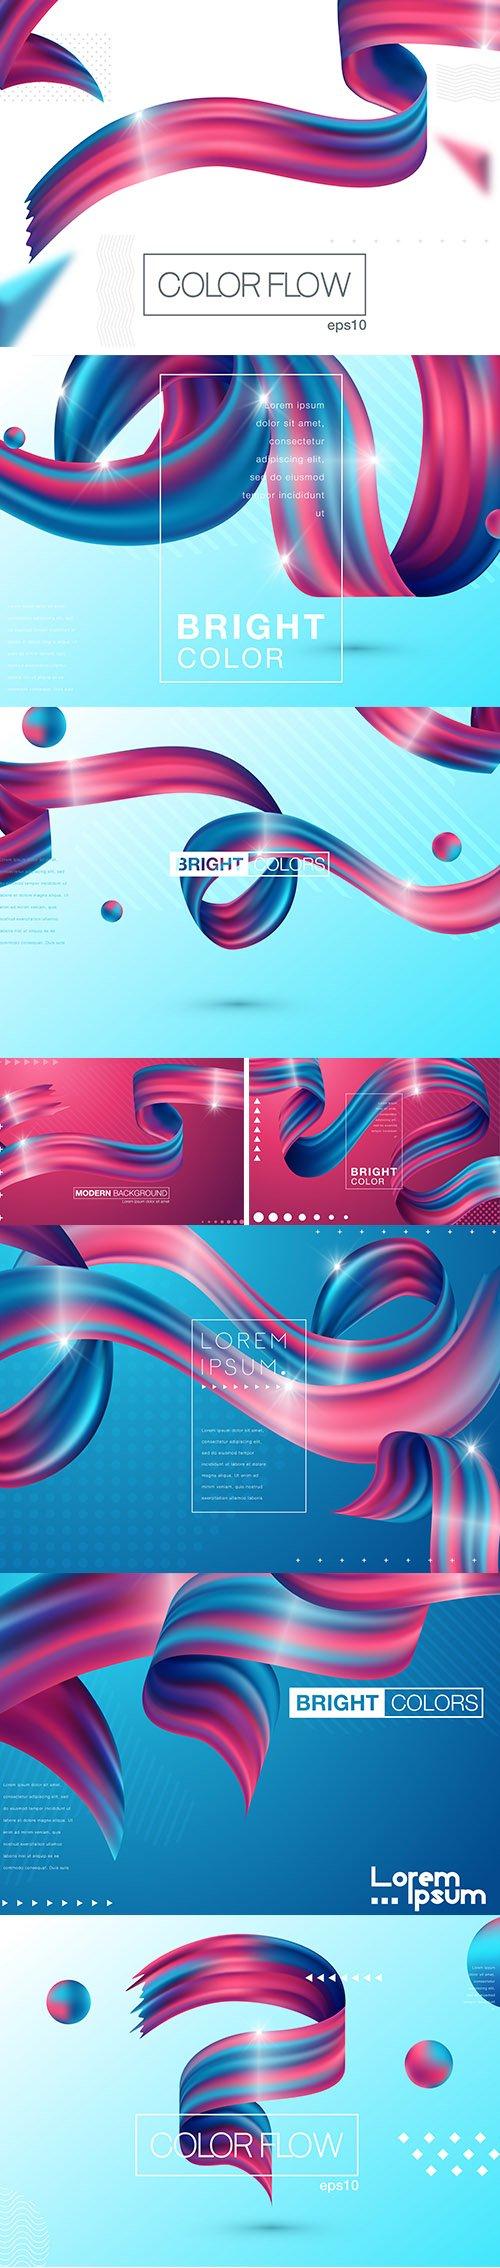 Colorful 3D Flow Shapes Liquid Wave Set